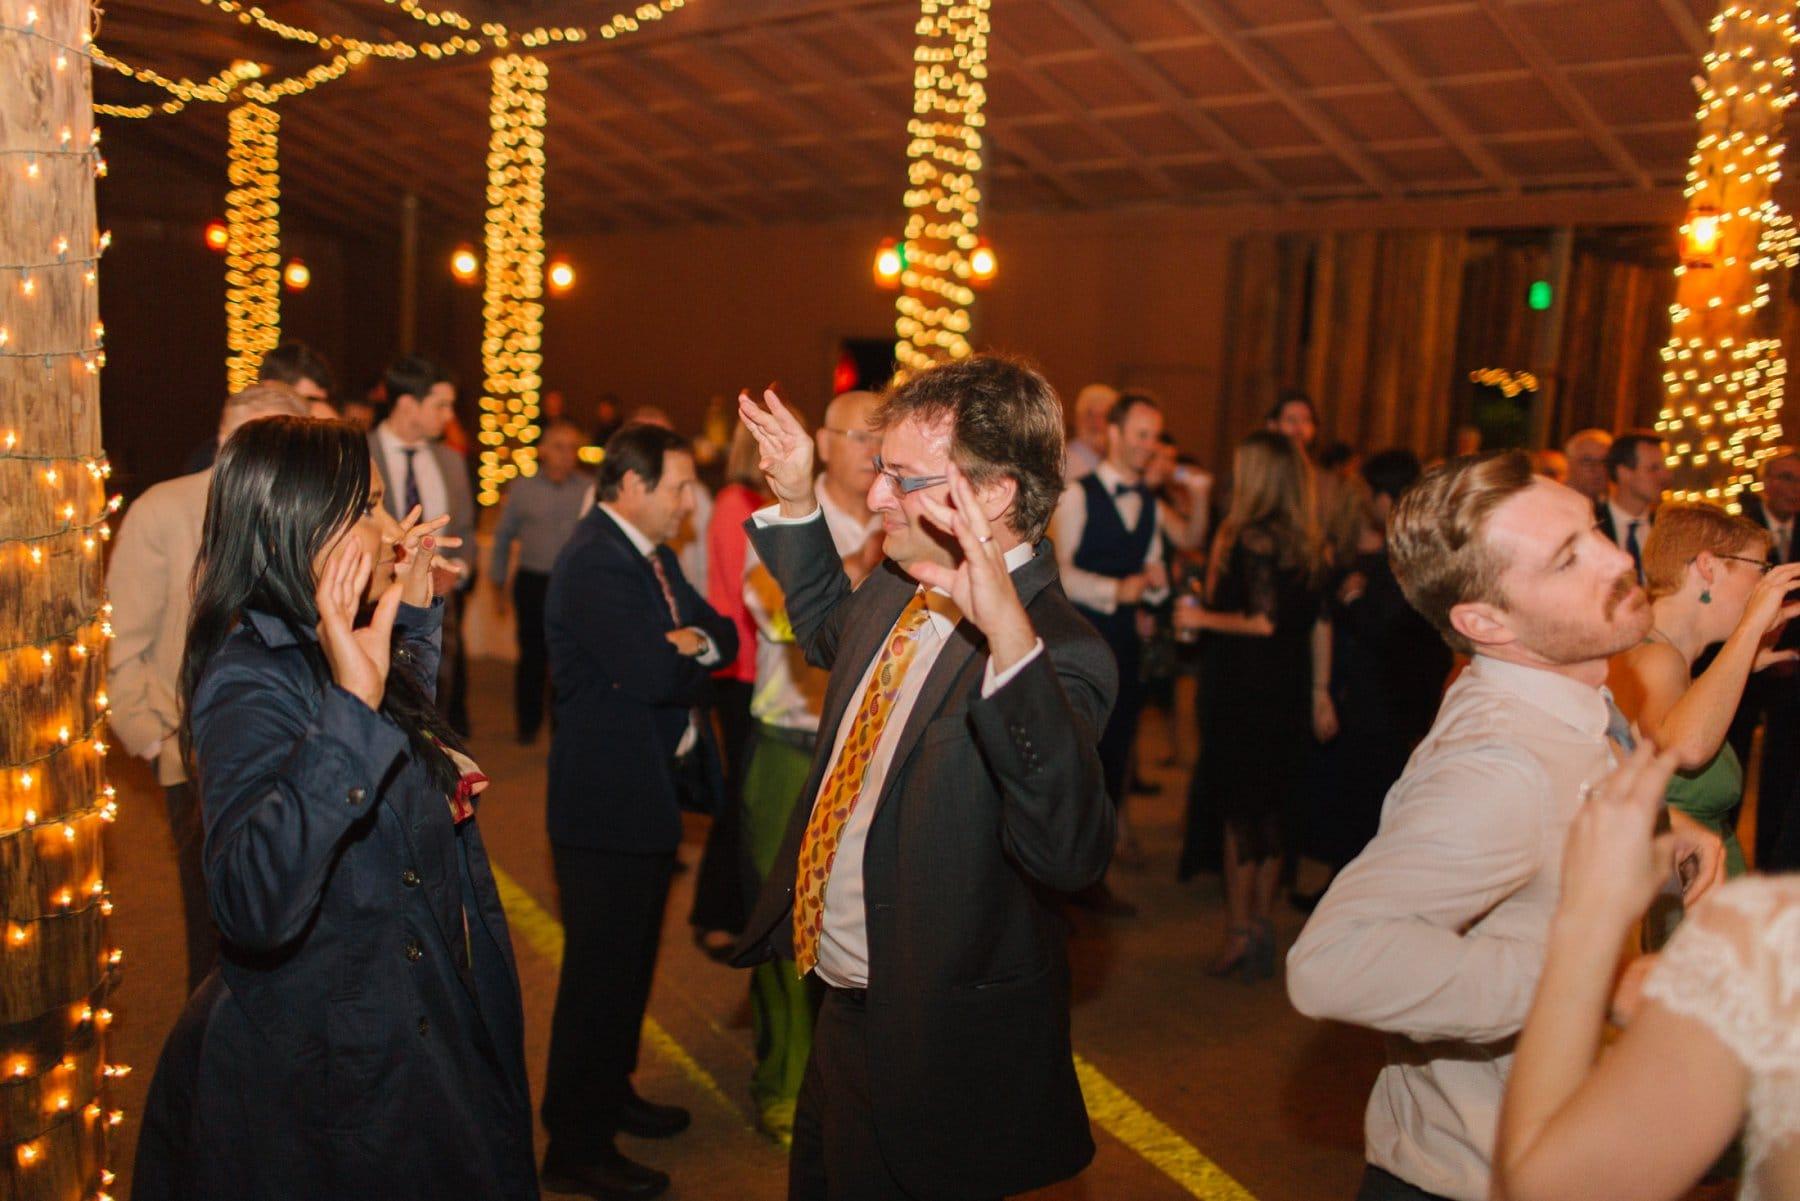 chicken dance at reception Desert Foothills wedding Scottsdale AZ